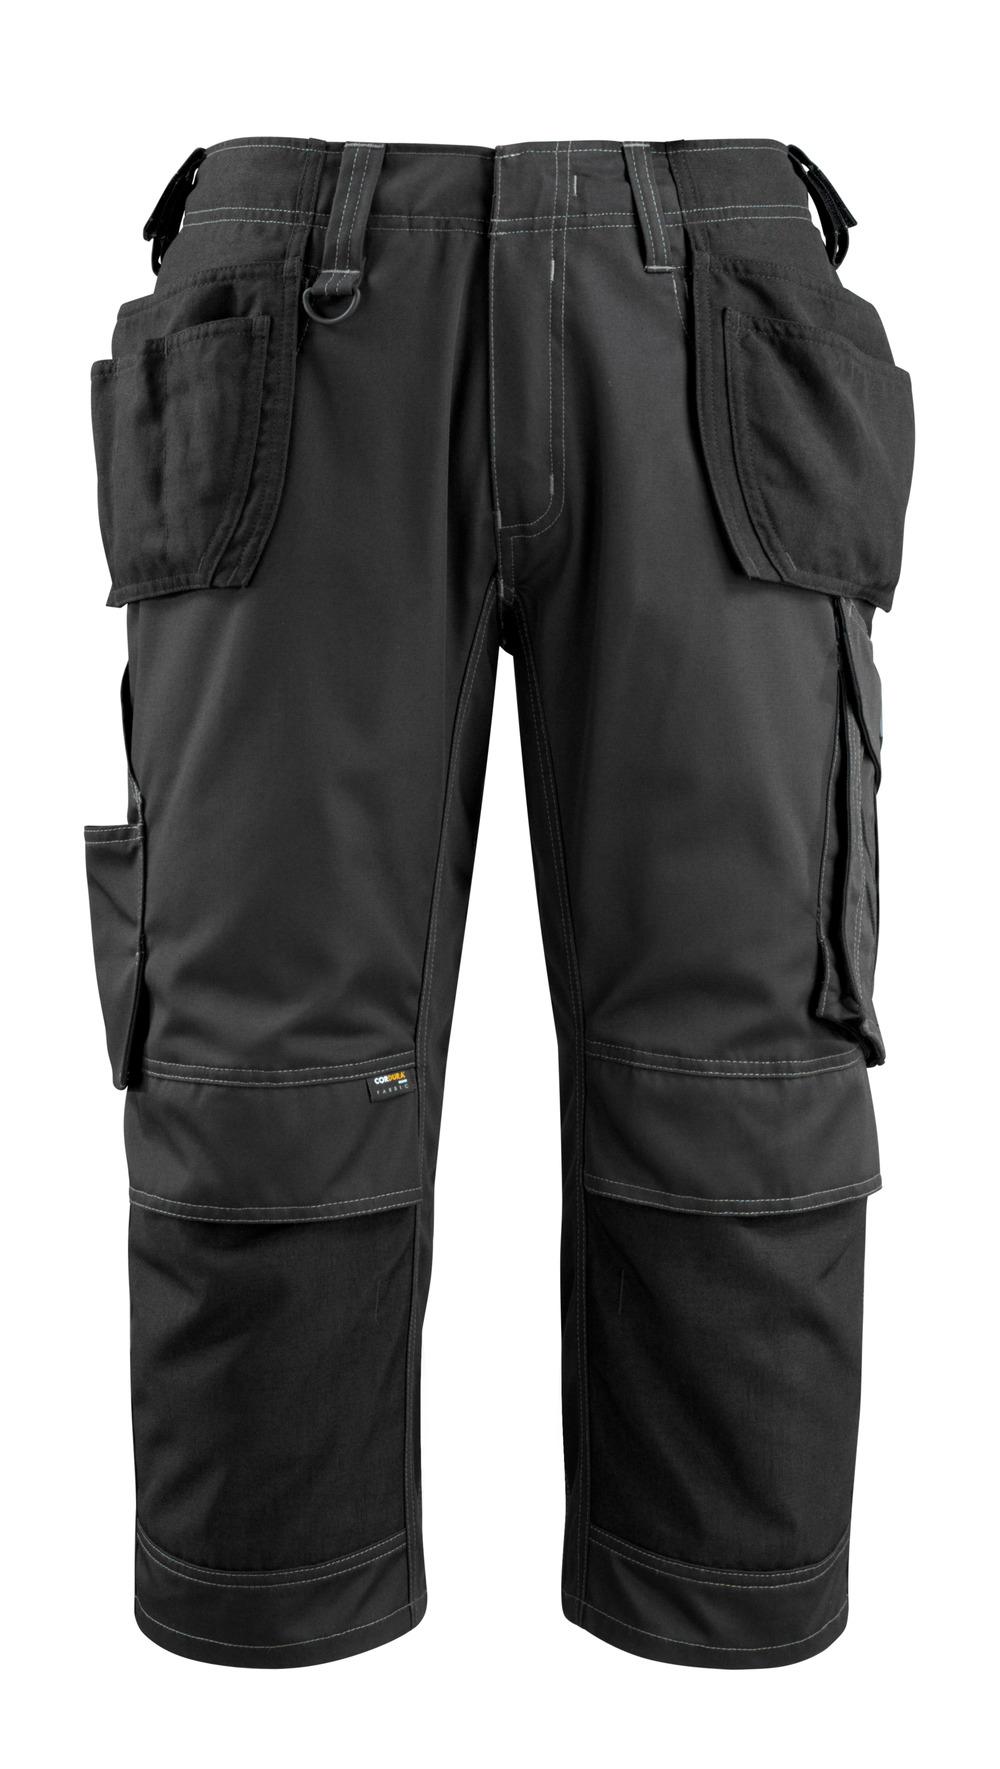 14449-442-09 Pantalones con longitud de ¾ con bolsillos para rodilleras y bolsillos tipo funda - negro